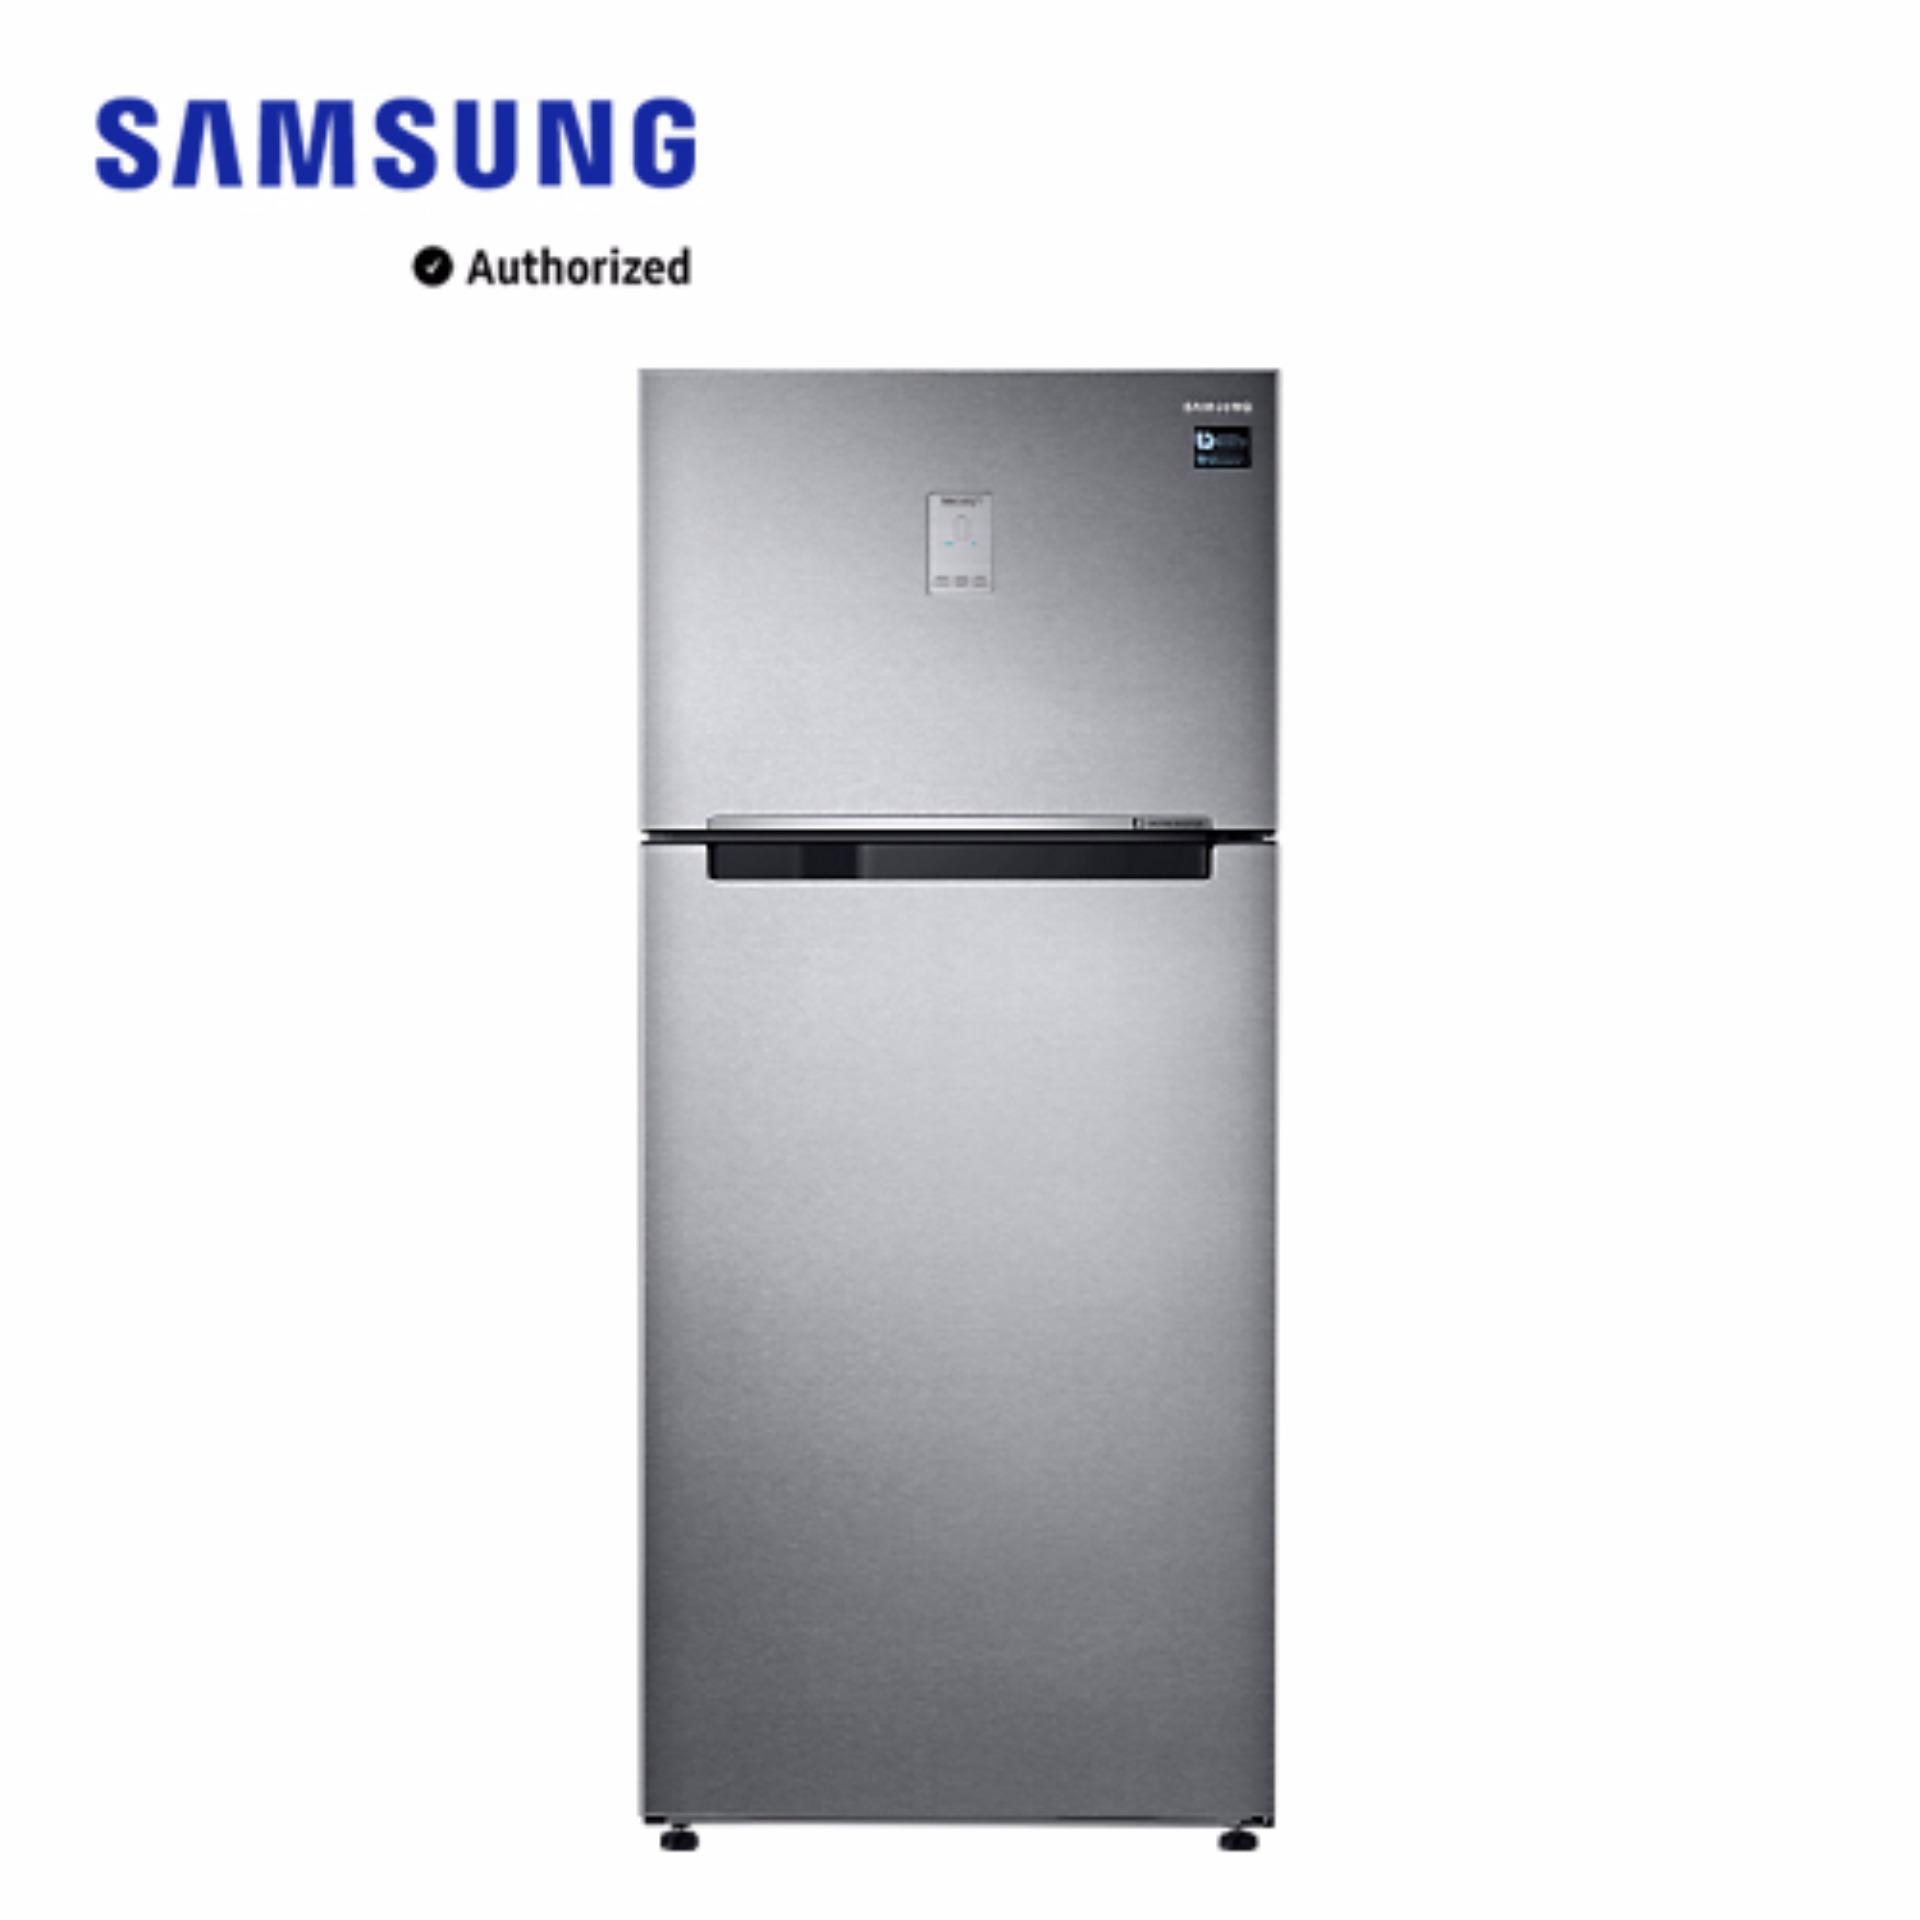 Samsung refrigerator service centre singapore